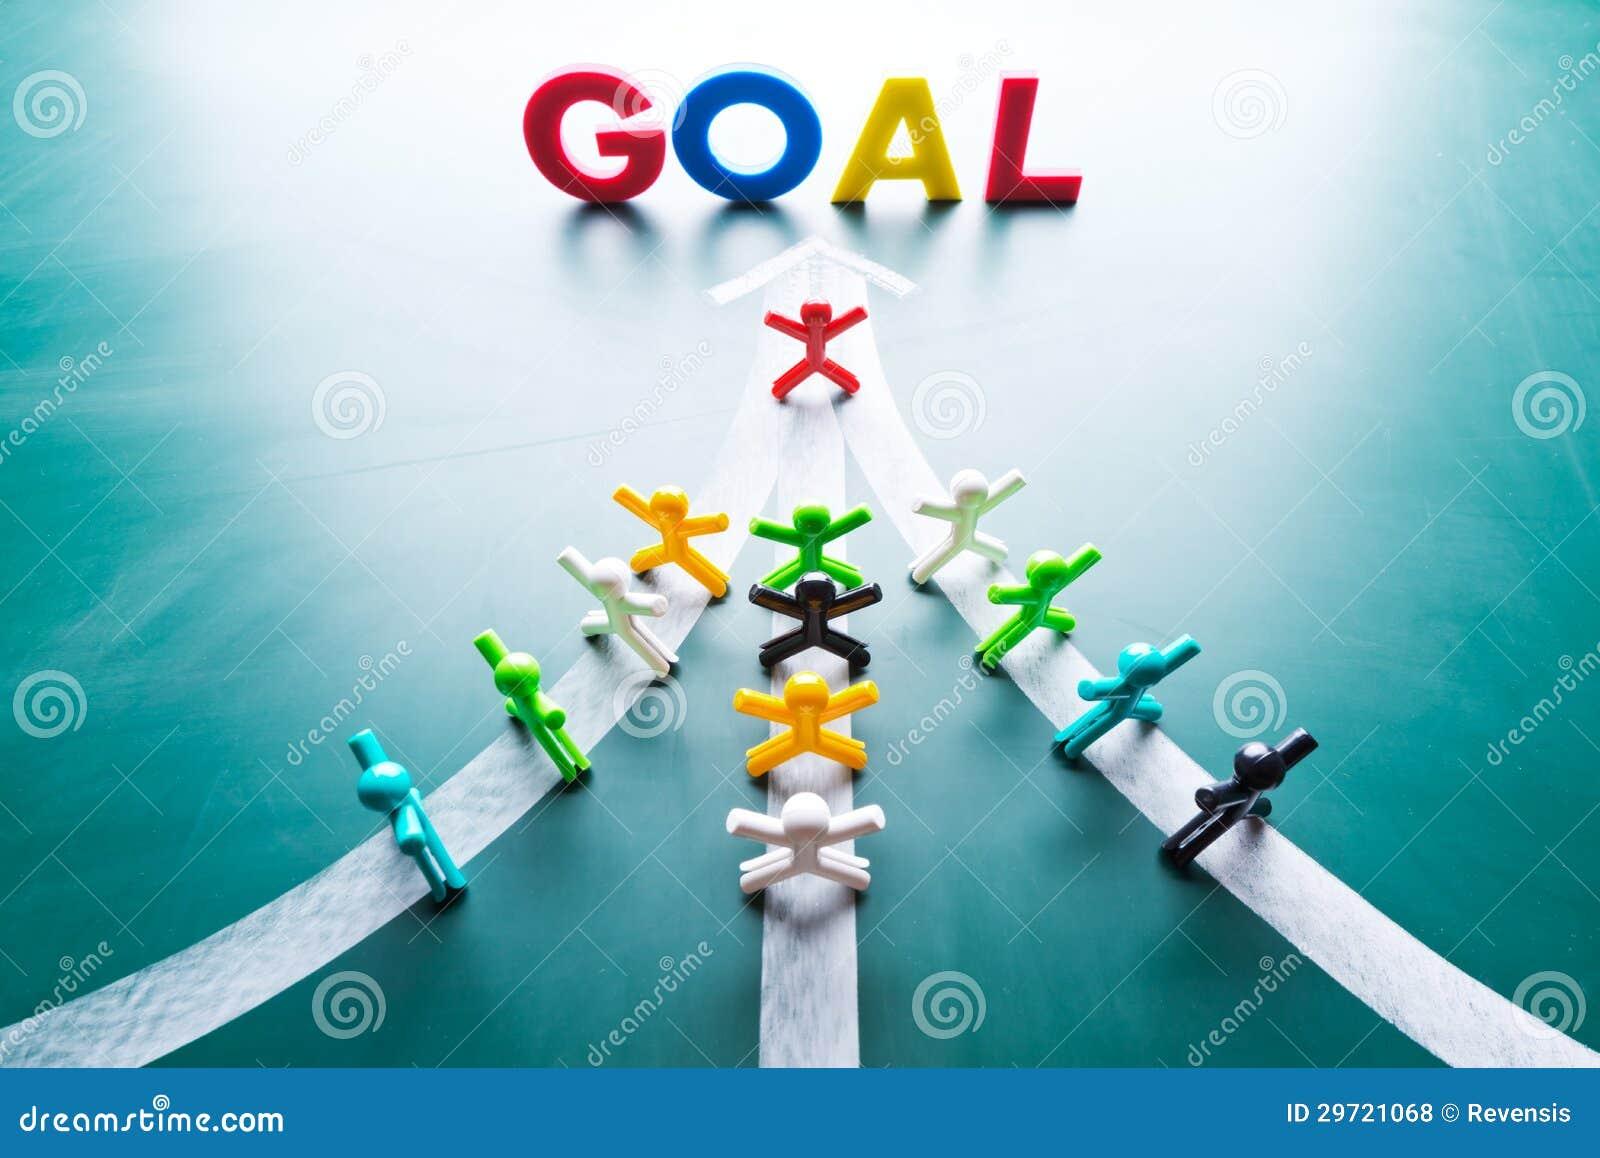 ziel und teamwork konzept lizenzfreie stockfotos bild